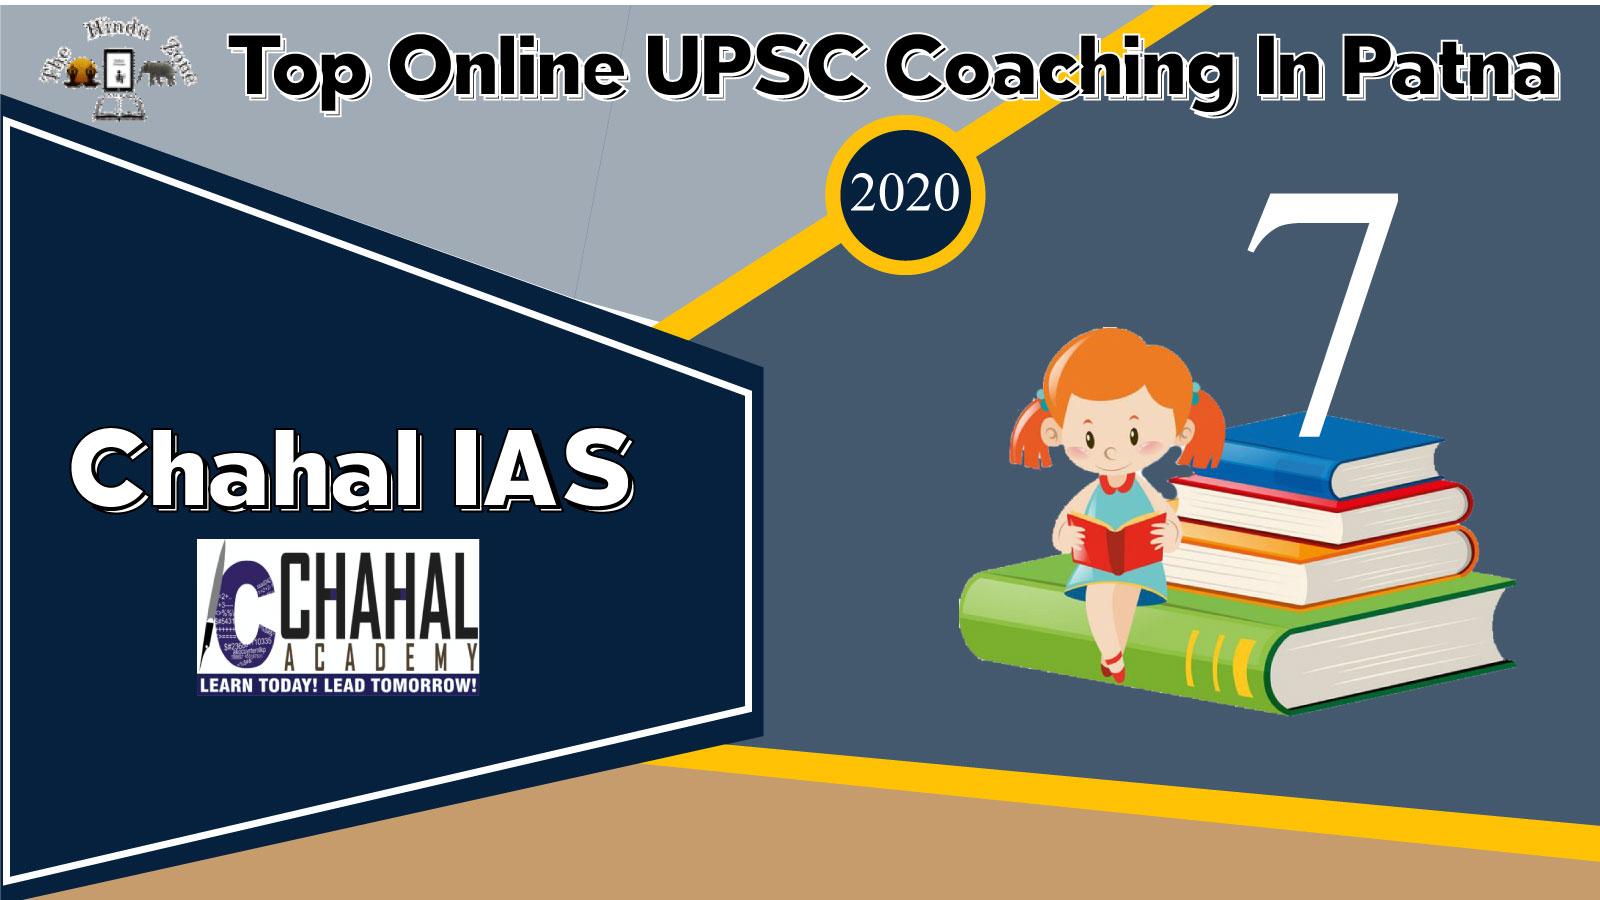 Chahal IAS Online Coaching In Patna